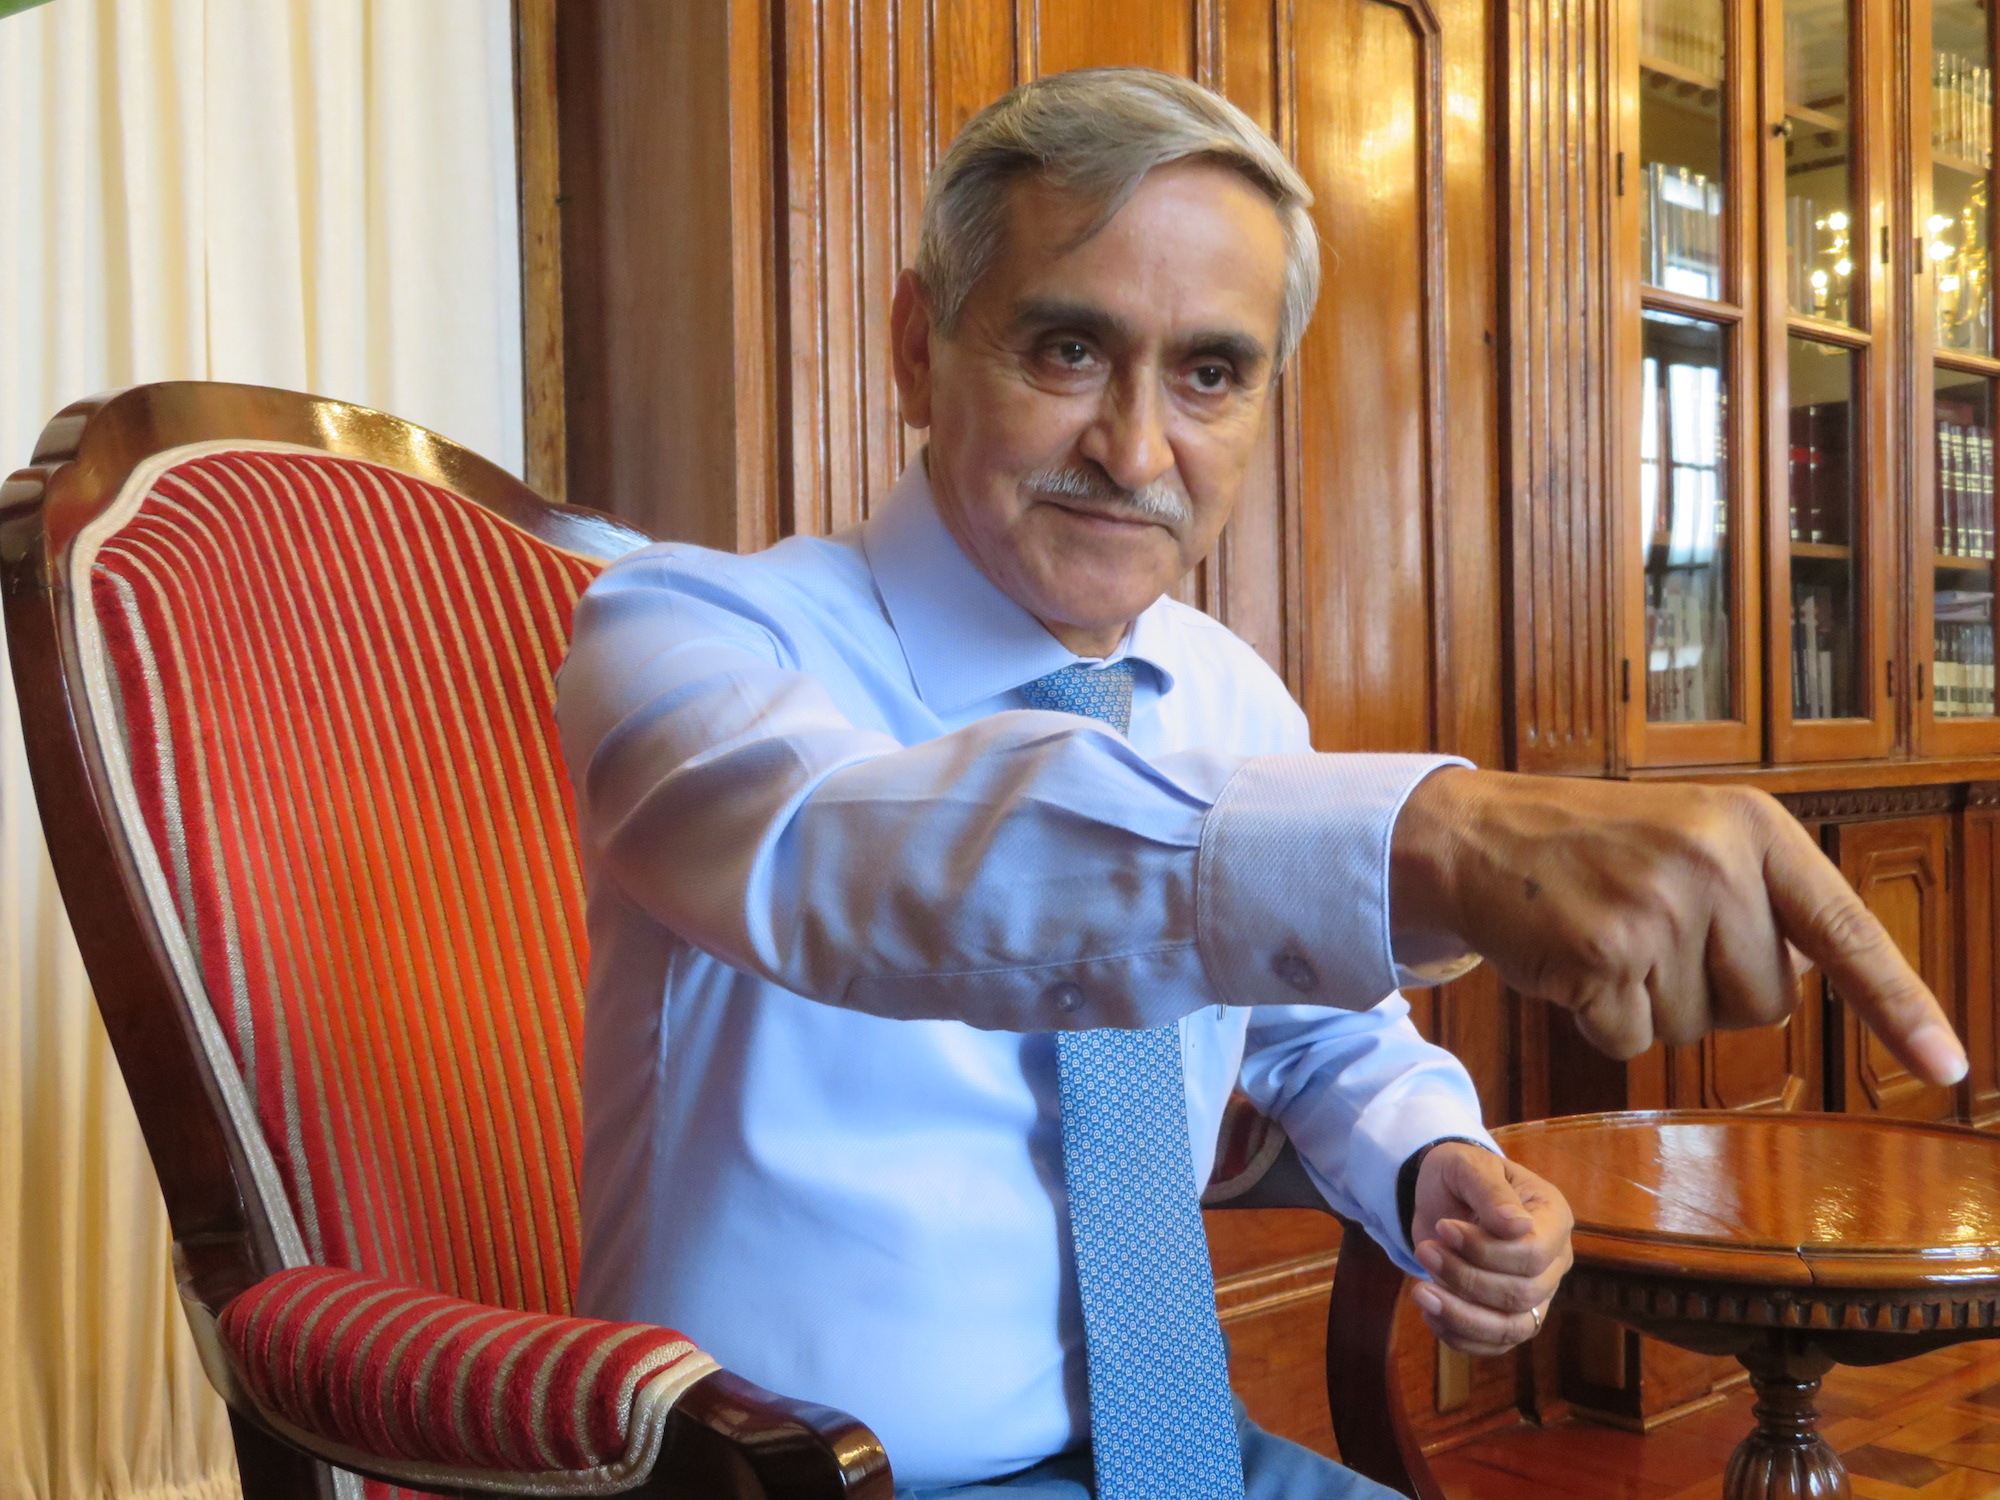 El presidente del Poder Judicial, Duberlí Rodríguez, asegura que las amenazas no lo detendrán en su defensa del medio ambiente. Foto: Alexa Vélez Zuazo.